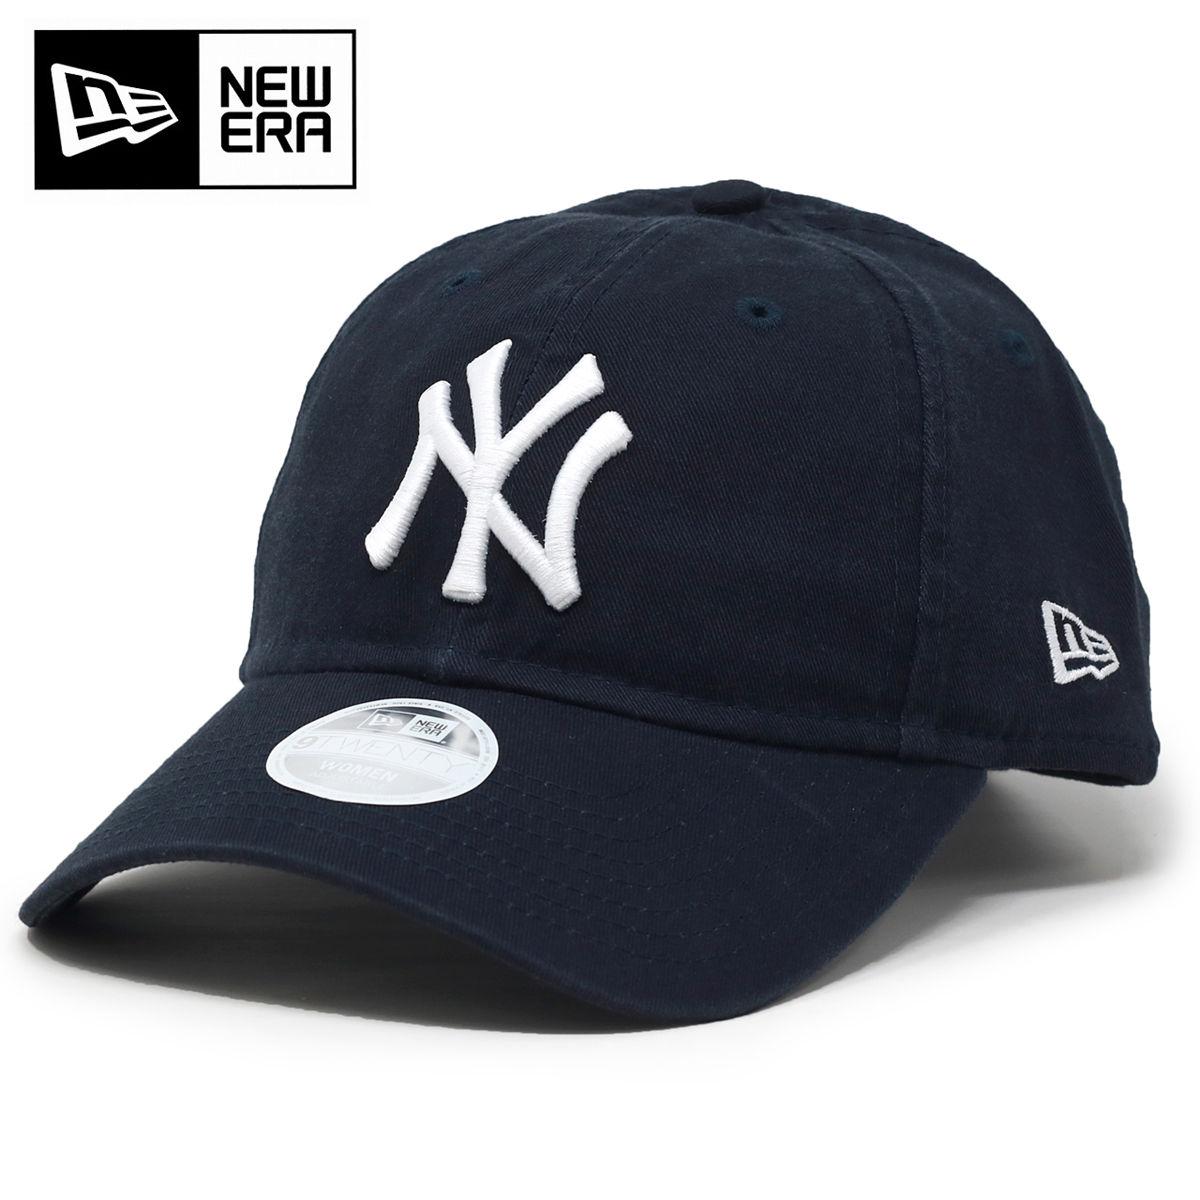 送料無料 メール便 ニューエラ レディース 帽子 ロゴキャップ NEWERA キャップ ニューヨークヤンキース MLB 商い ワンポイント フロントロゴ 9TWENTY New York 紺 WOMAN ダークネイビー バックアジャスターベルト Yankees 洗い加工 サイズ調整可 ニューエラ帽子 プレゼント cap 誕生日 小さいサイズ セットアップ baseball ギフト包装無料